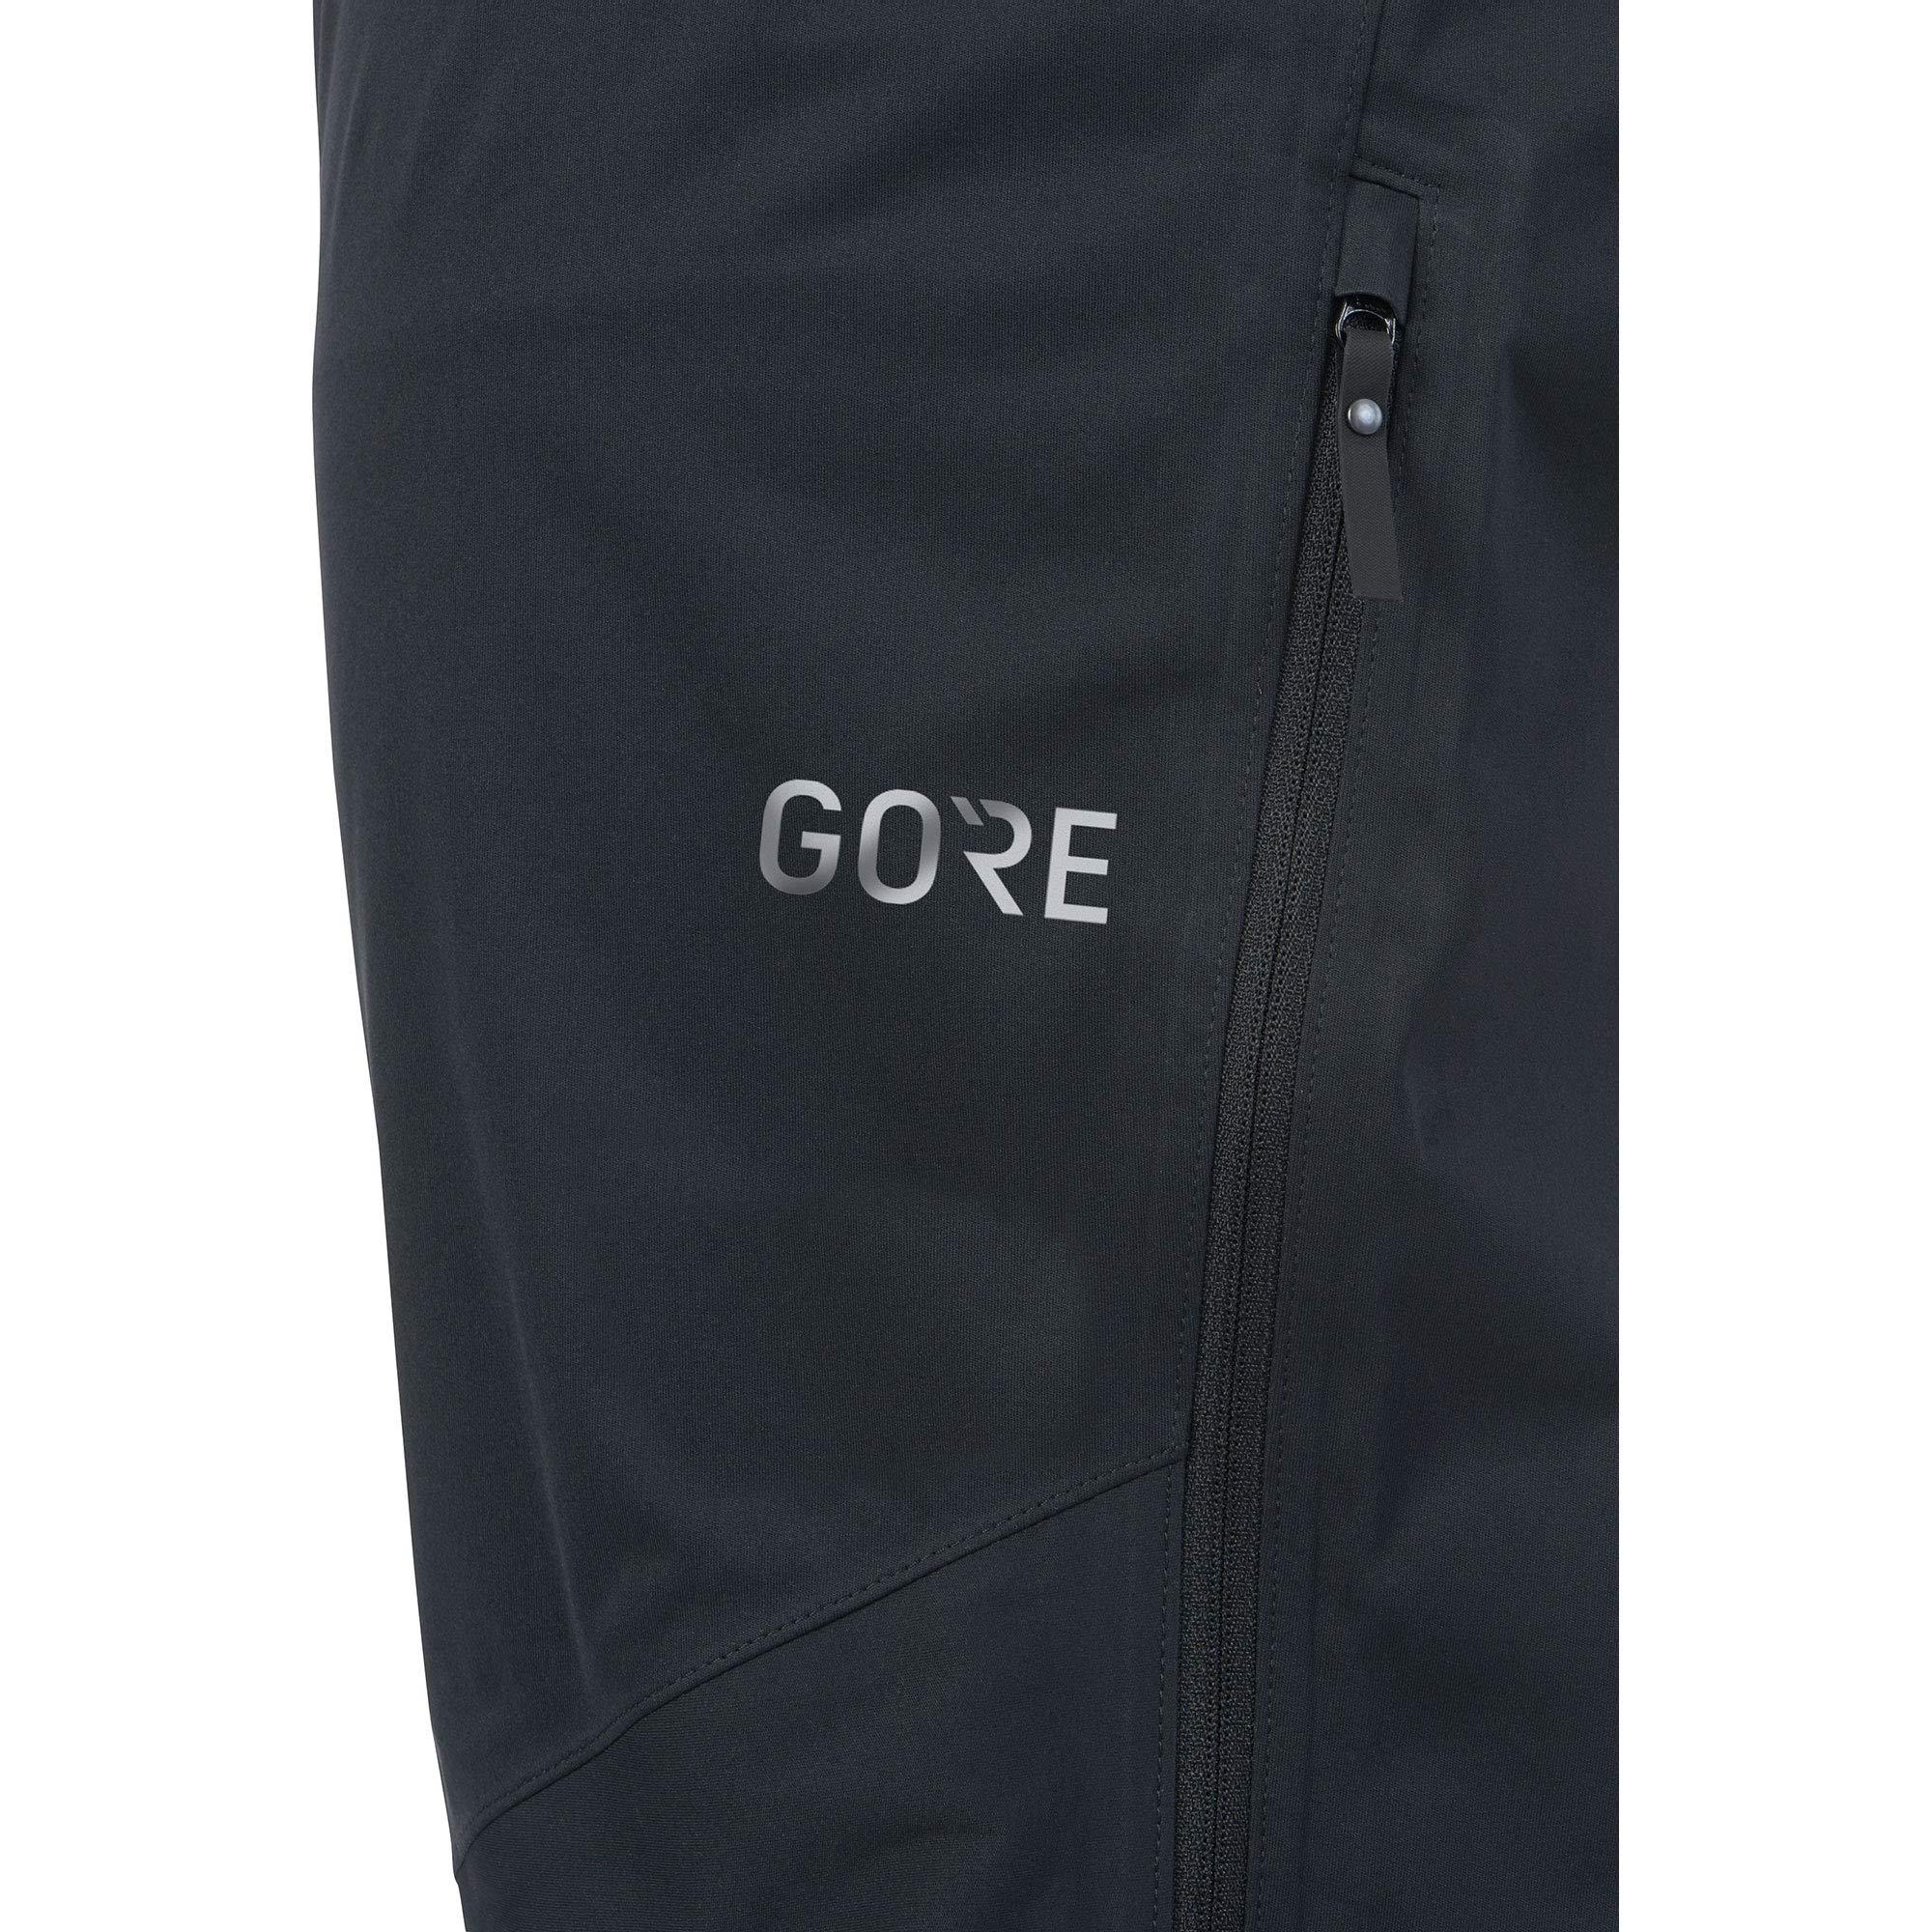 Gore Men's R3 Gtx Active Pants,  black,  L by GORE WEAR (Image #8)